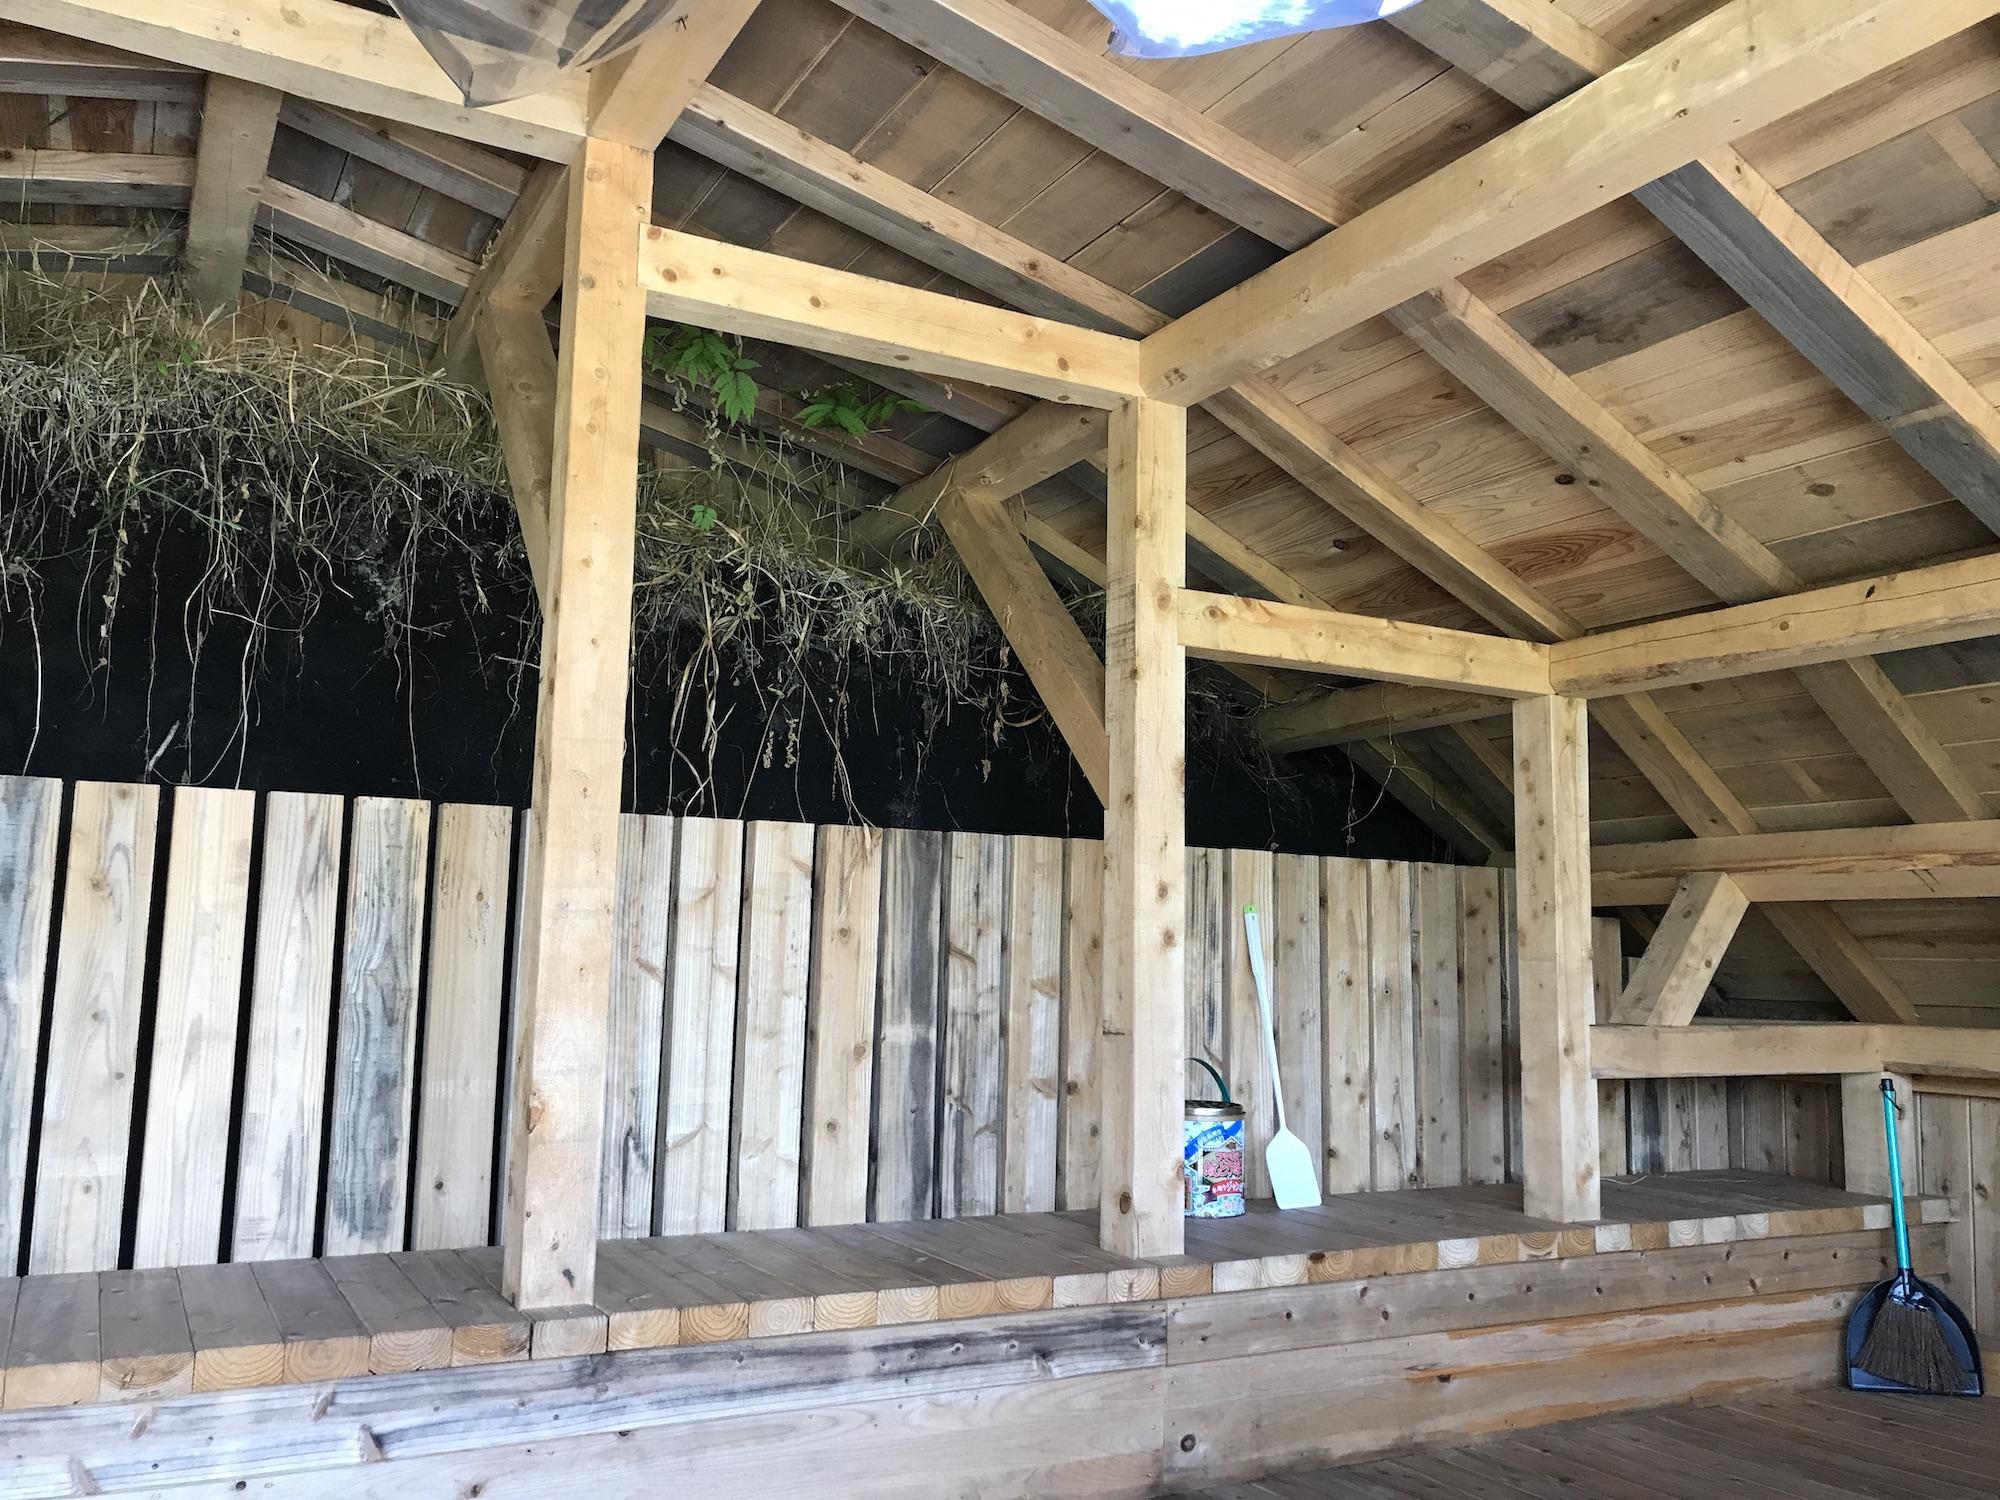 横穴式おうちの中。ラウンドした木の天井と板間。壁は木の上に土肌が見えている。